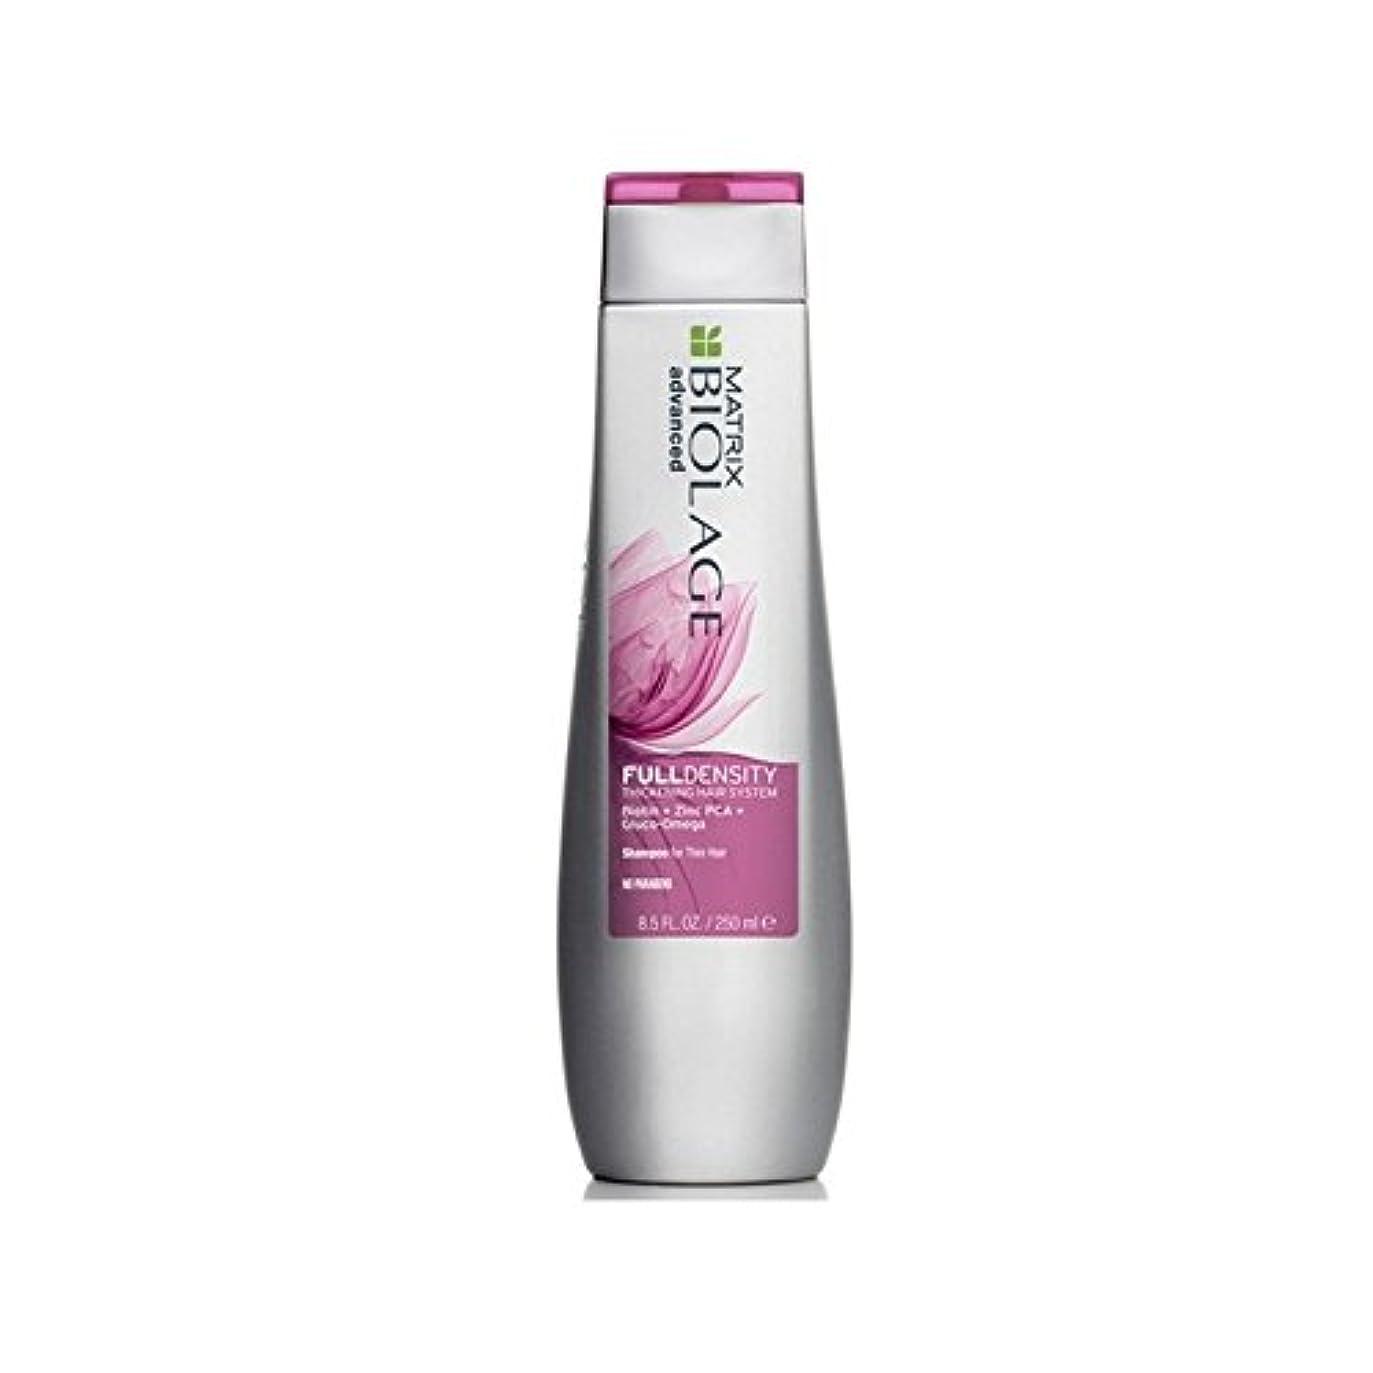 ユダヤ人鉛出くわすマトリックスバイオレイジ完全密度シャンプー(250ミリリットル) x2 - Matrix Biolage Full Density Shampoo (250ml) (Pack of 2) [並行輸入品]